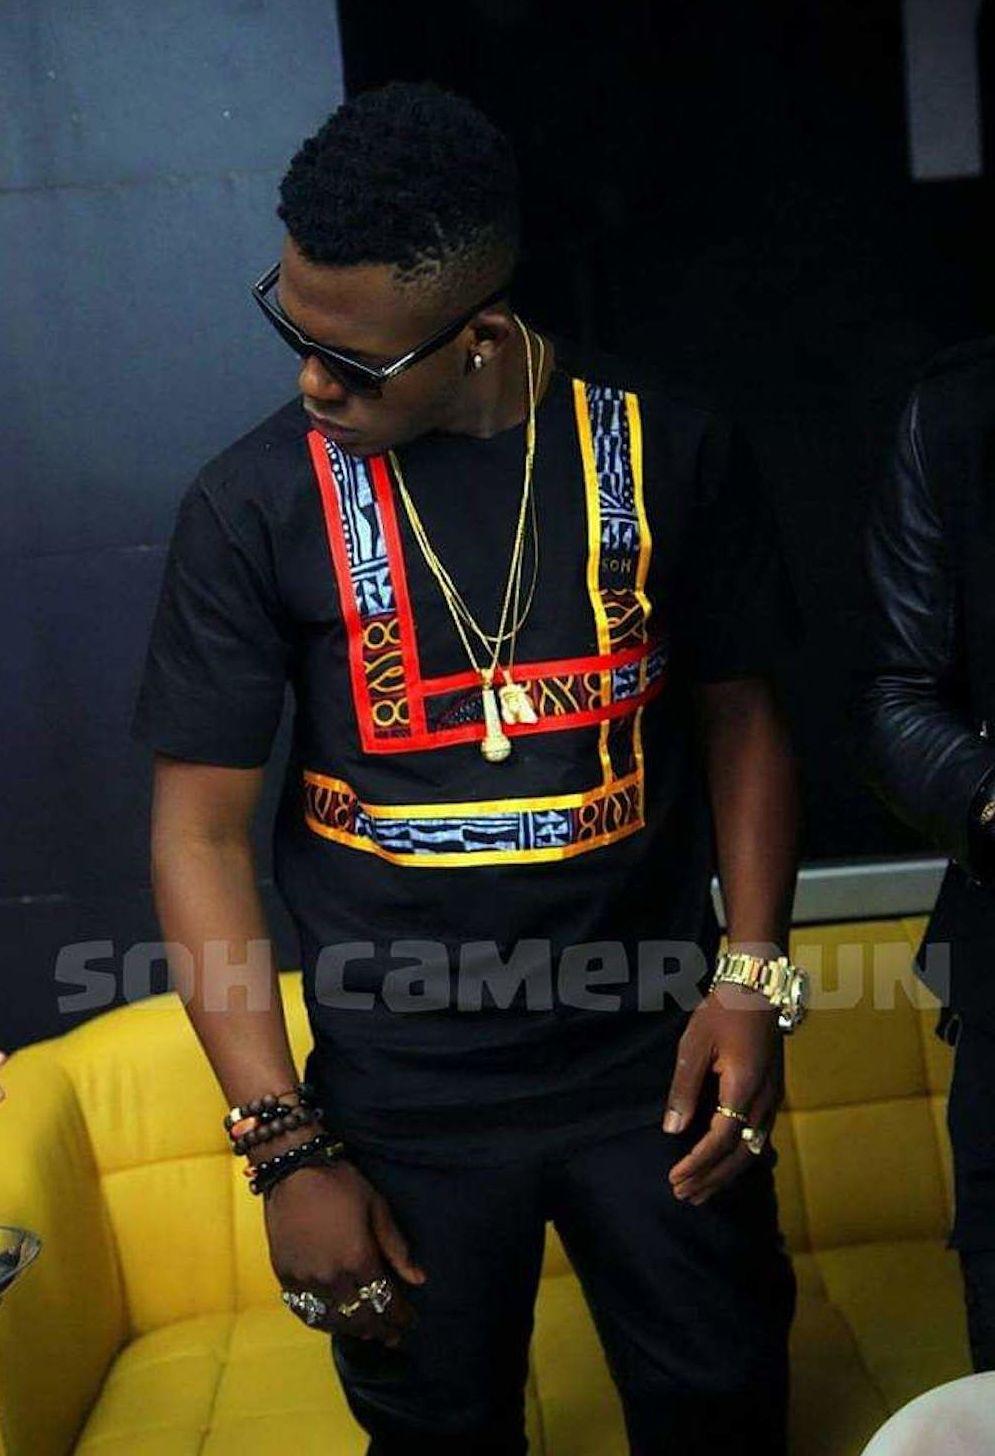 Une célébrité de la musique locale vêtue par Soh Cameroun